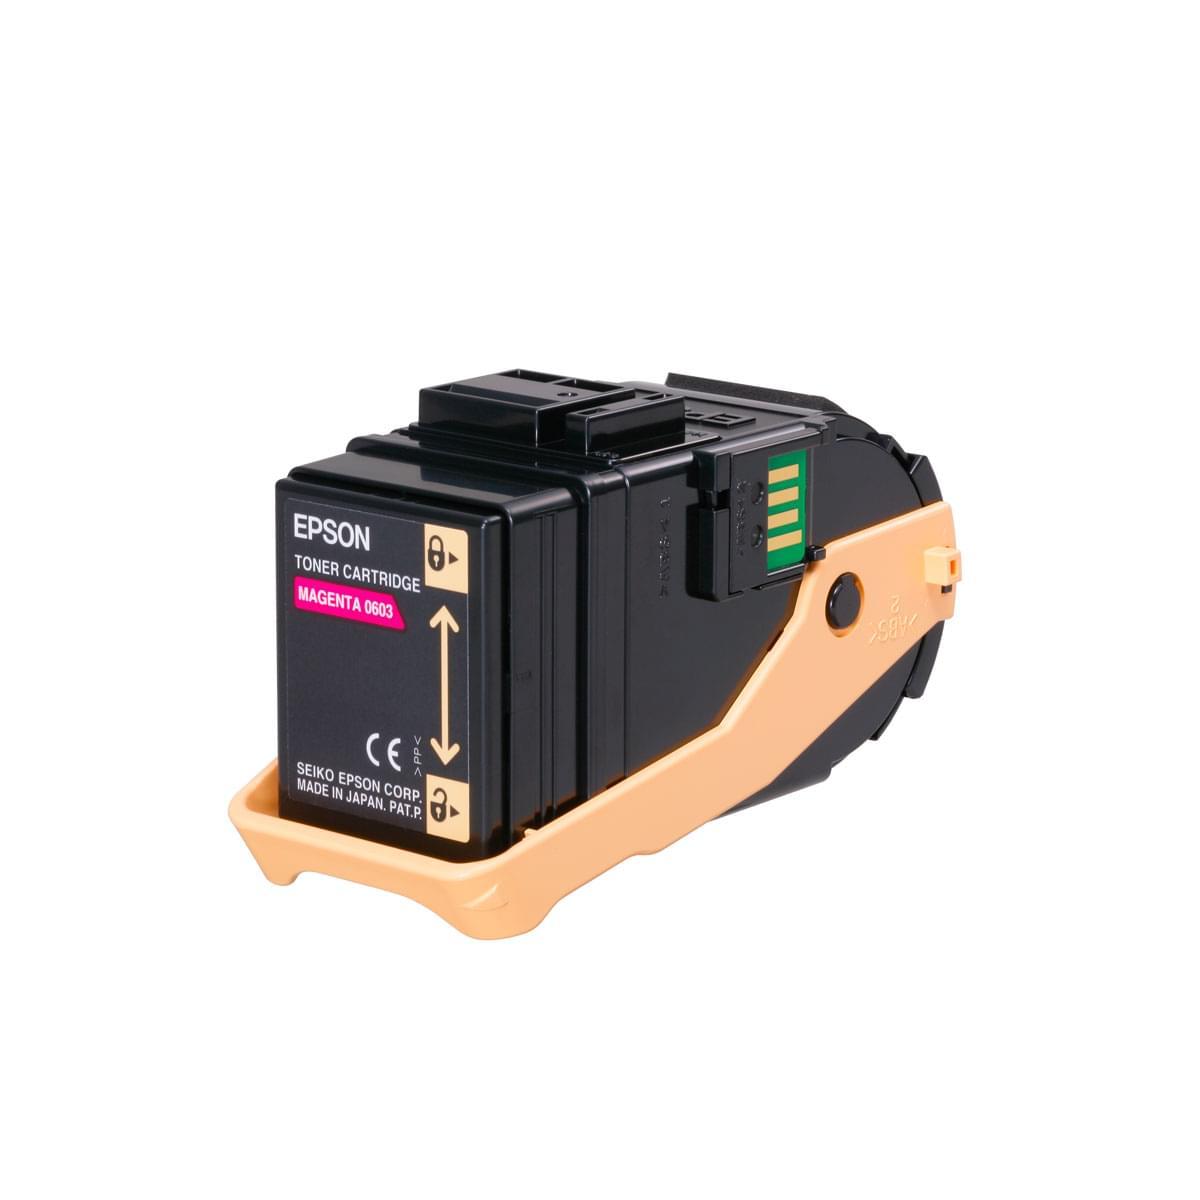 Epson Toner Magenta 7500p (C13S050603) - Achat / Vente Consommable Imprimante sur Cybertek.fr - 0